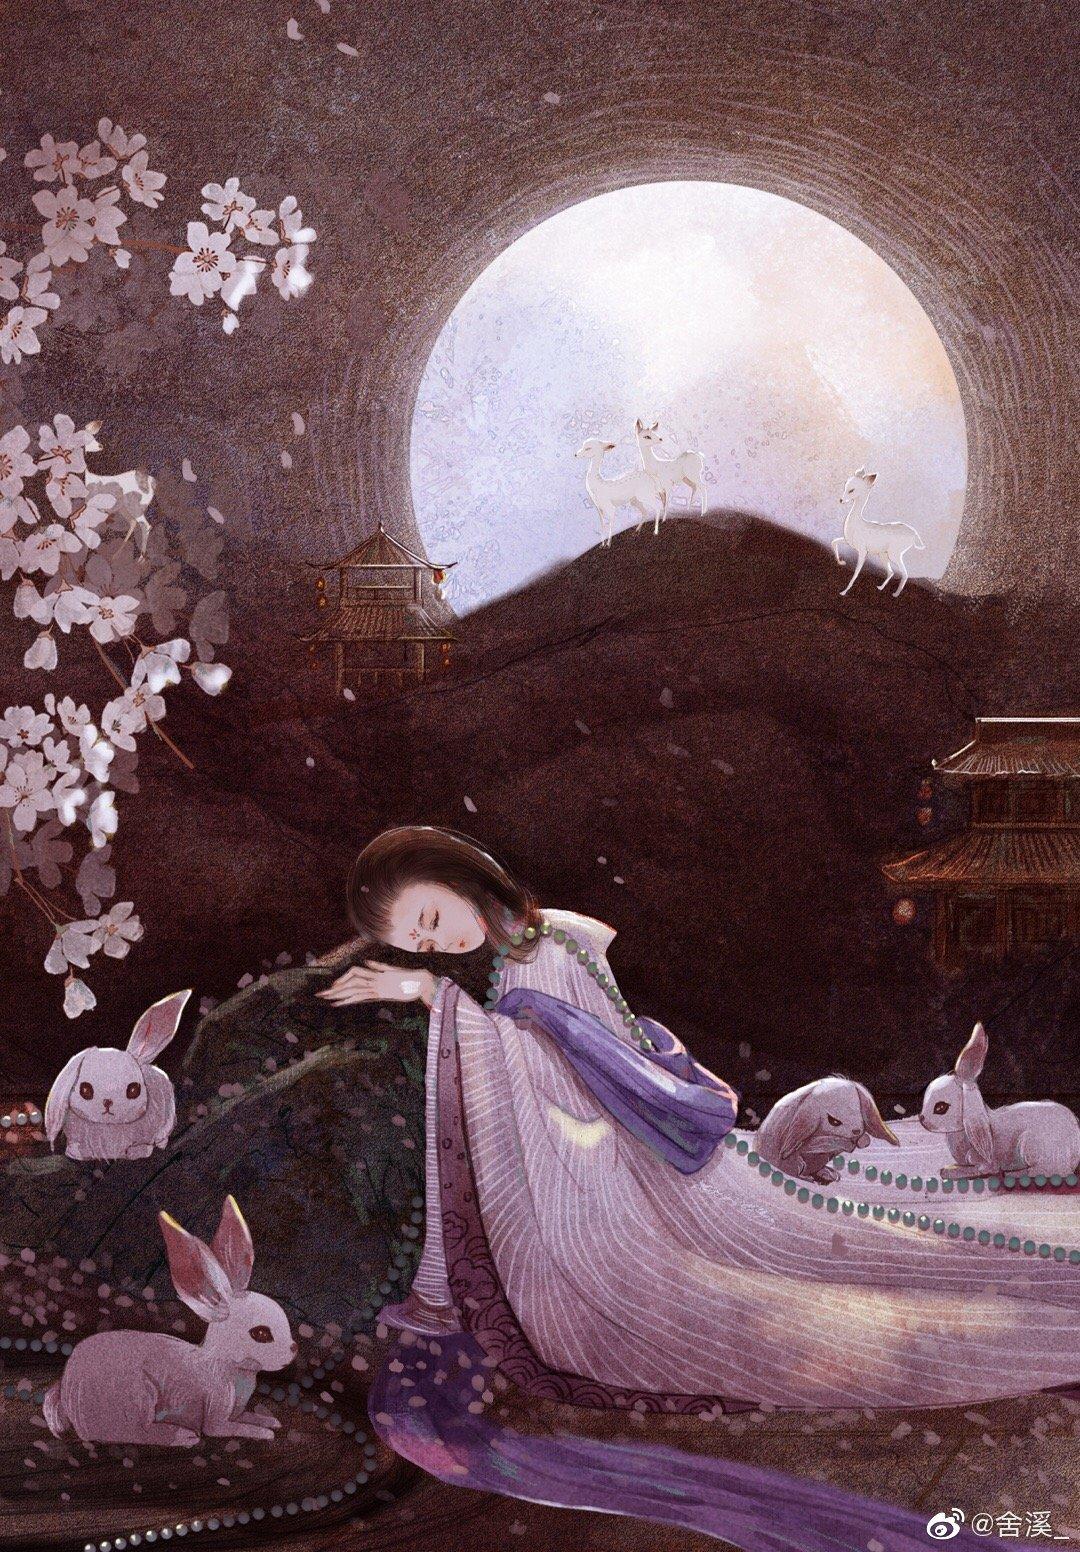 小憩一梦,月已团圆